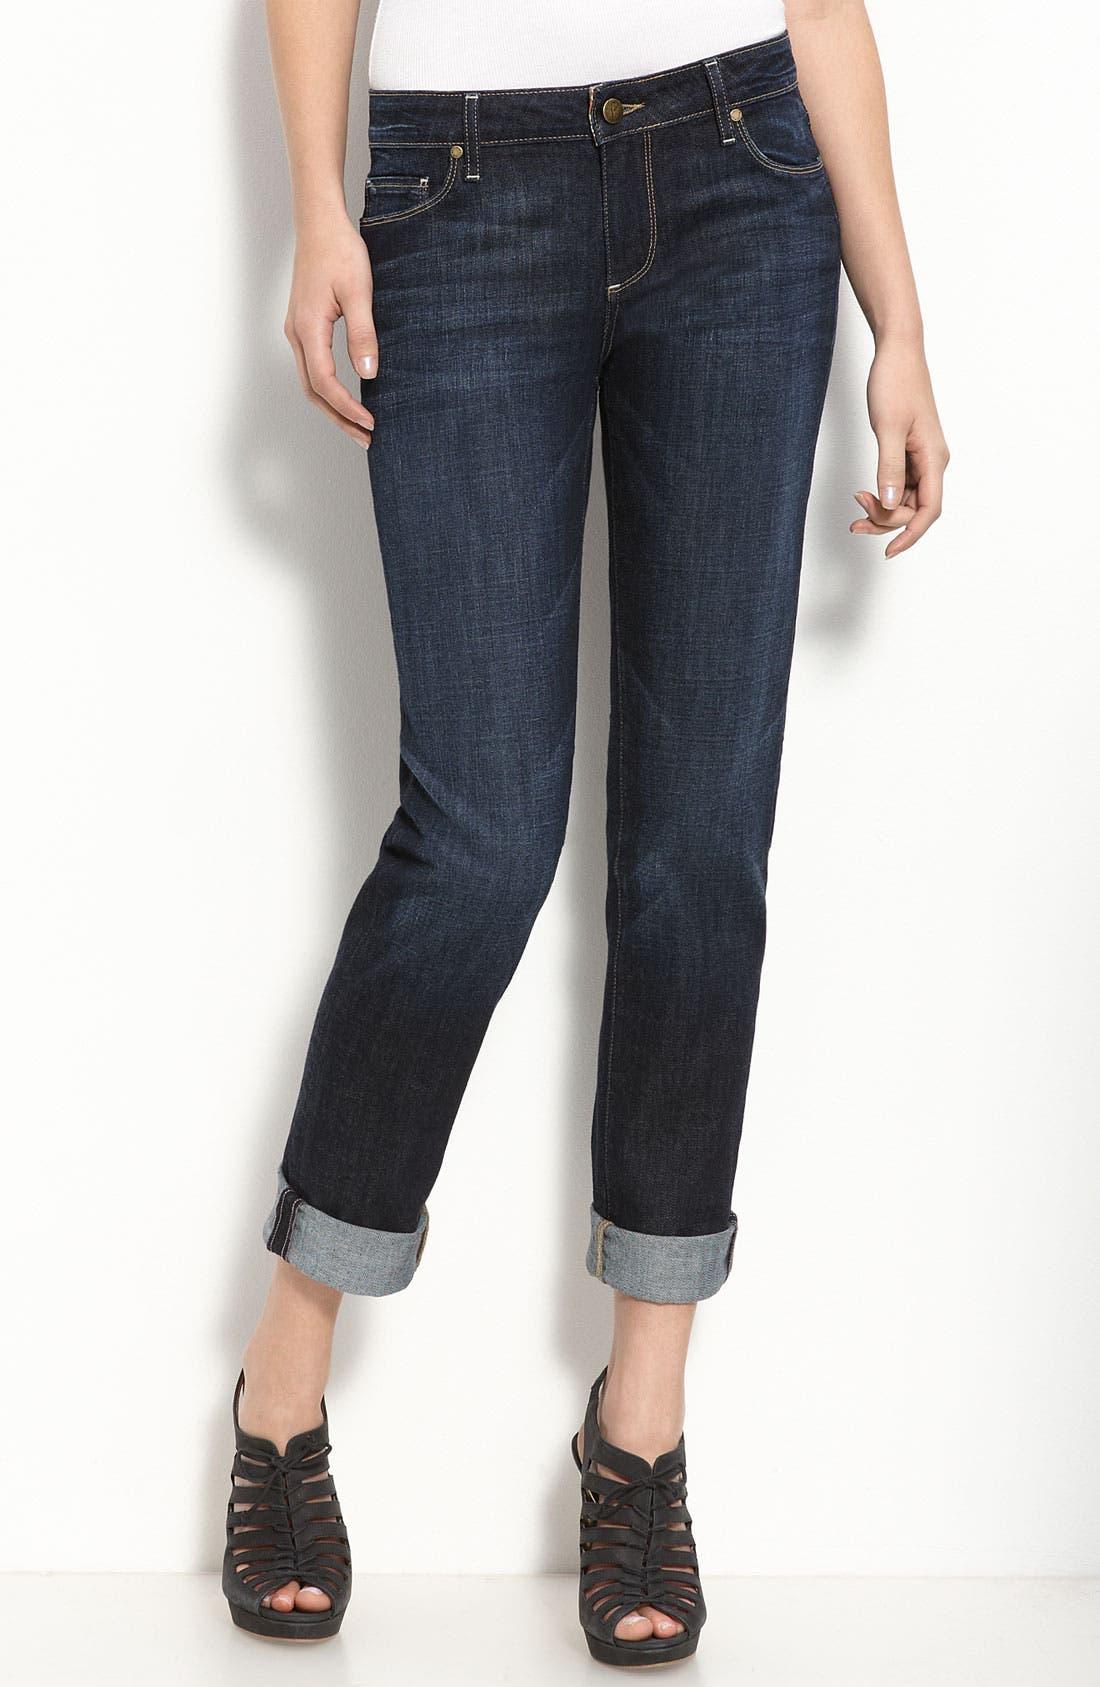 Alternate Image 1  - Paige Denim 'Jimmy Jimmy' Stretch Jeans